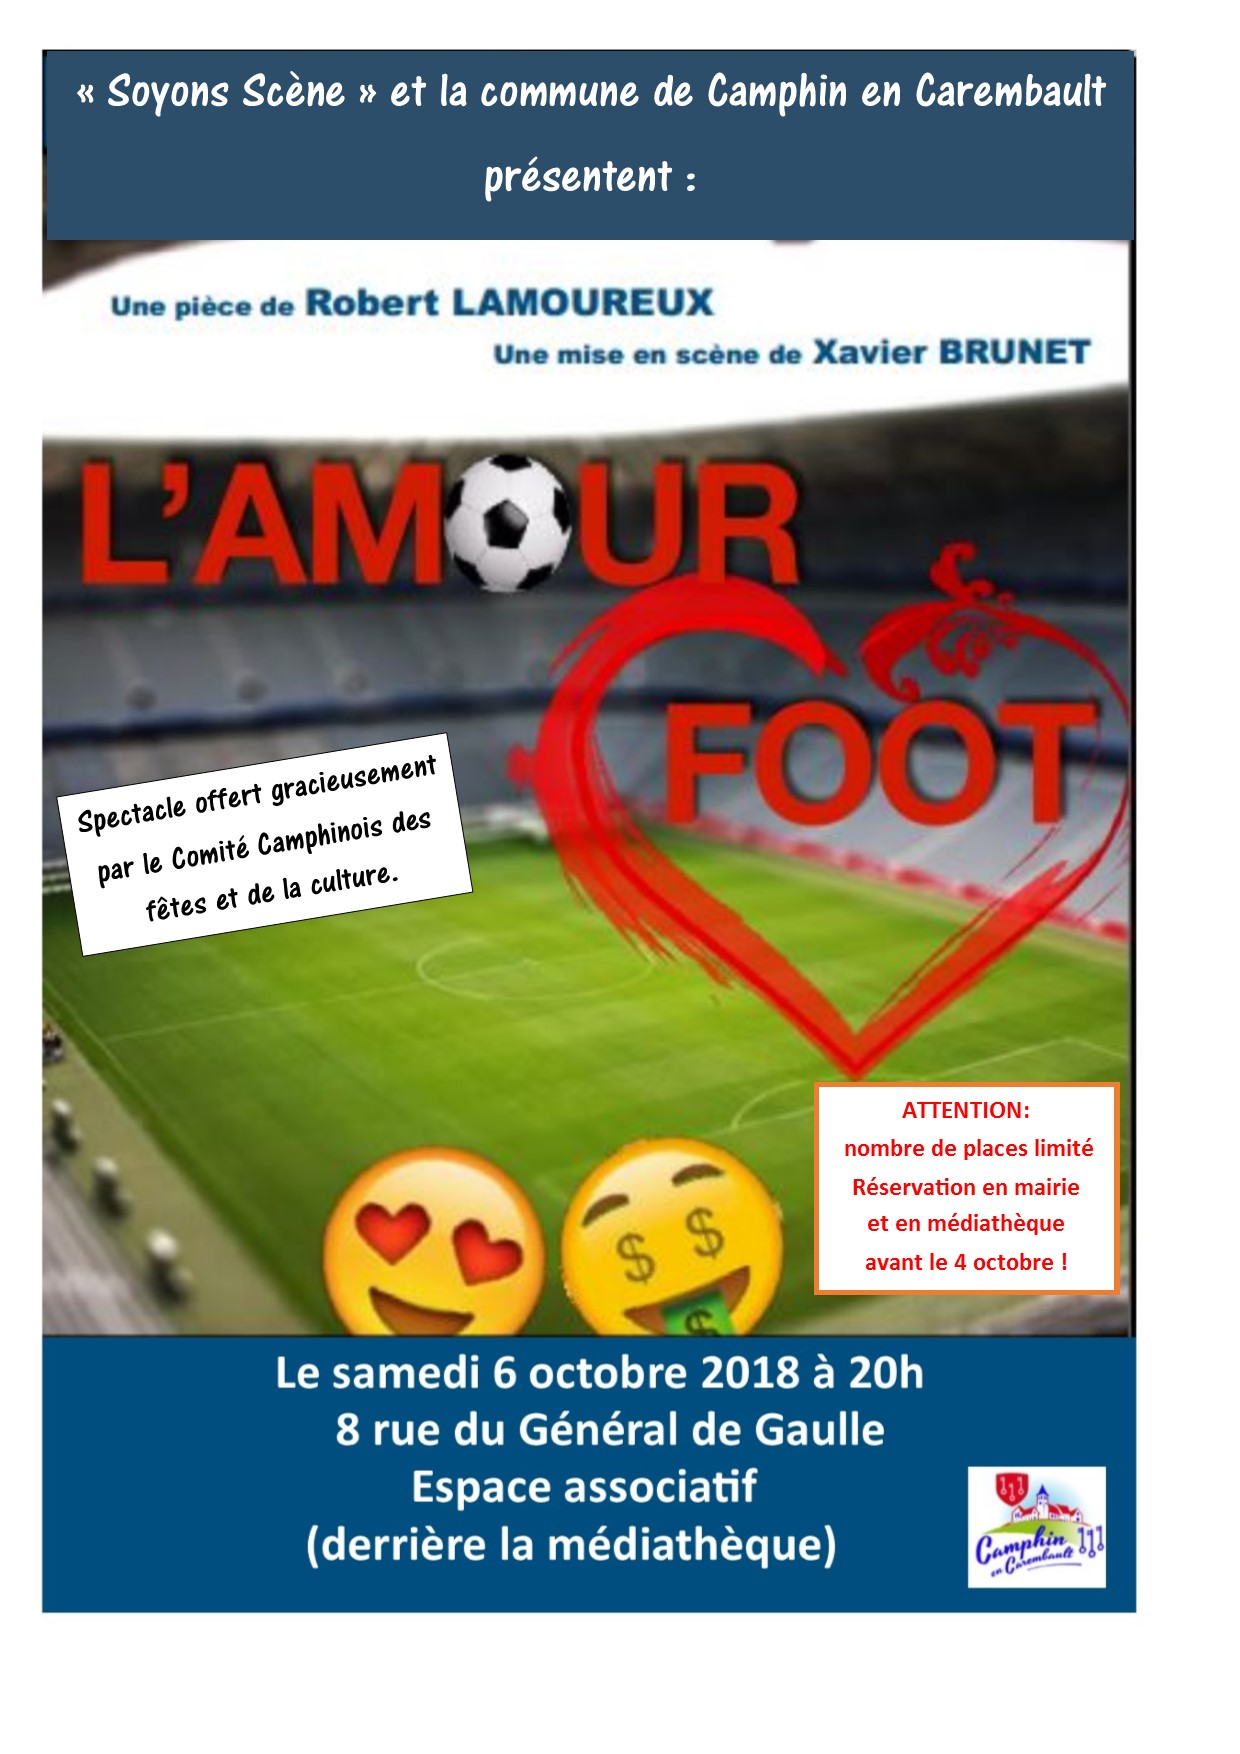 Soyons-Scène jouera L'Amour Foot à Camphin-en-Carembault le 6 octobre